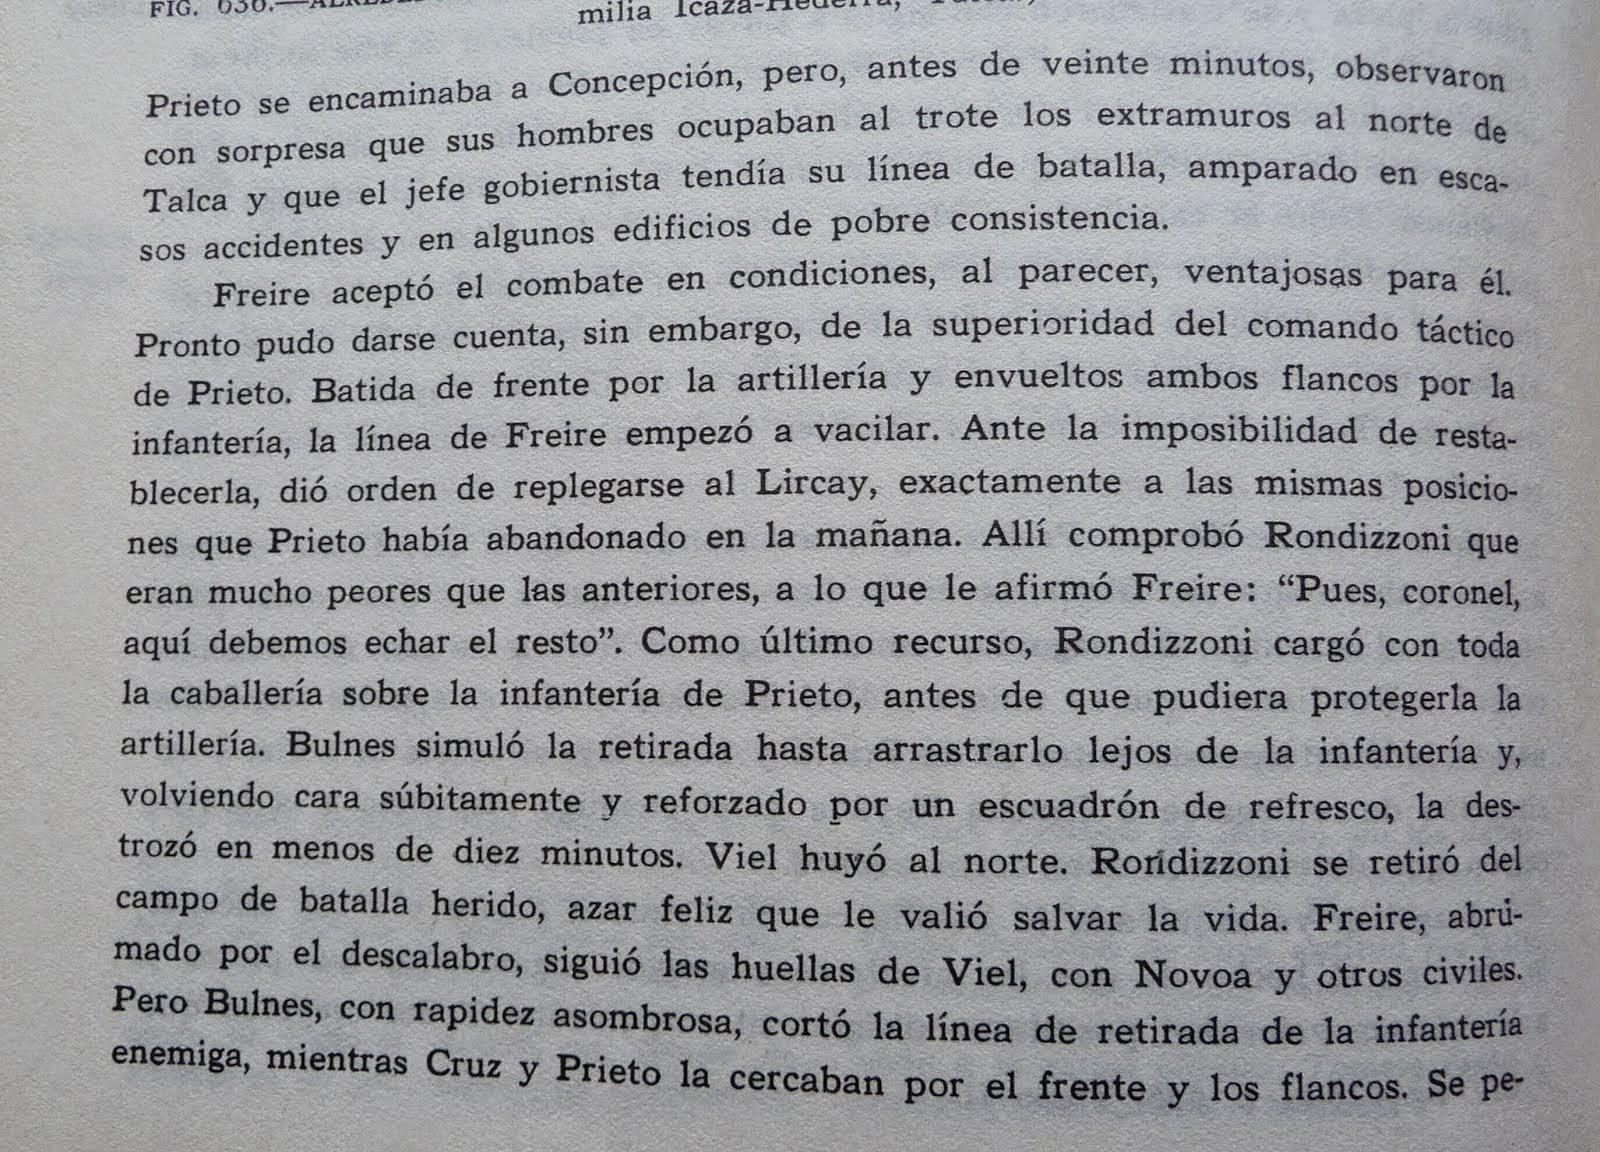 BATALLA DE LIRCAY